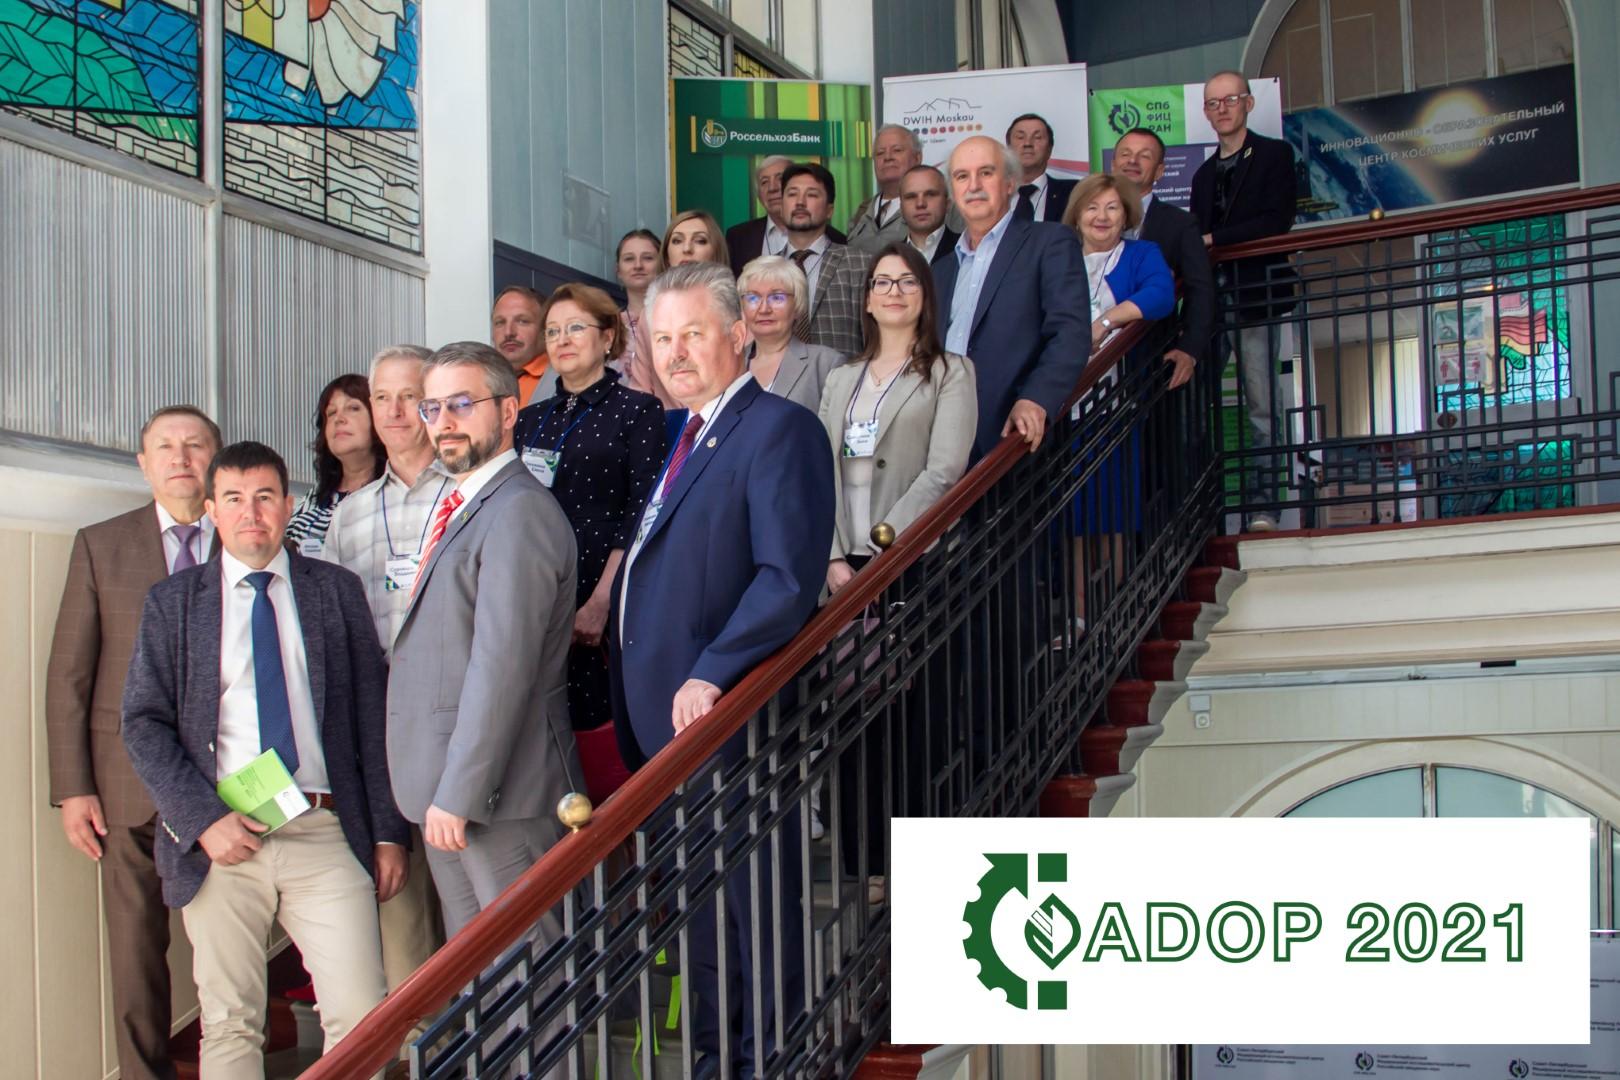 Первая Международная конференция «Цифровизация сельского хозяйства и органическое производство» (ADOP – 2021) прошла в Санкт-Петербурге 07–09 июня 2021 года